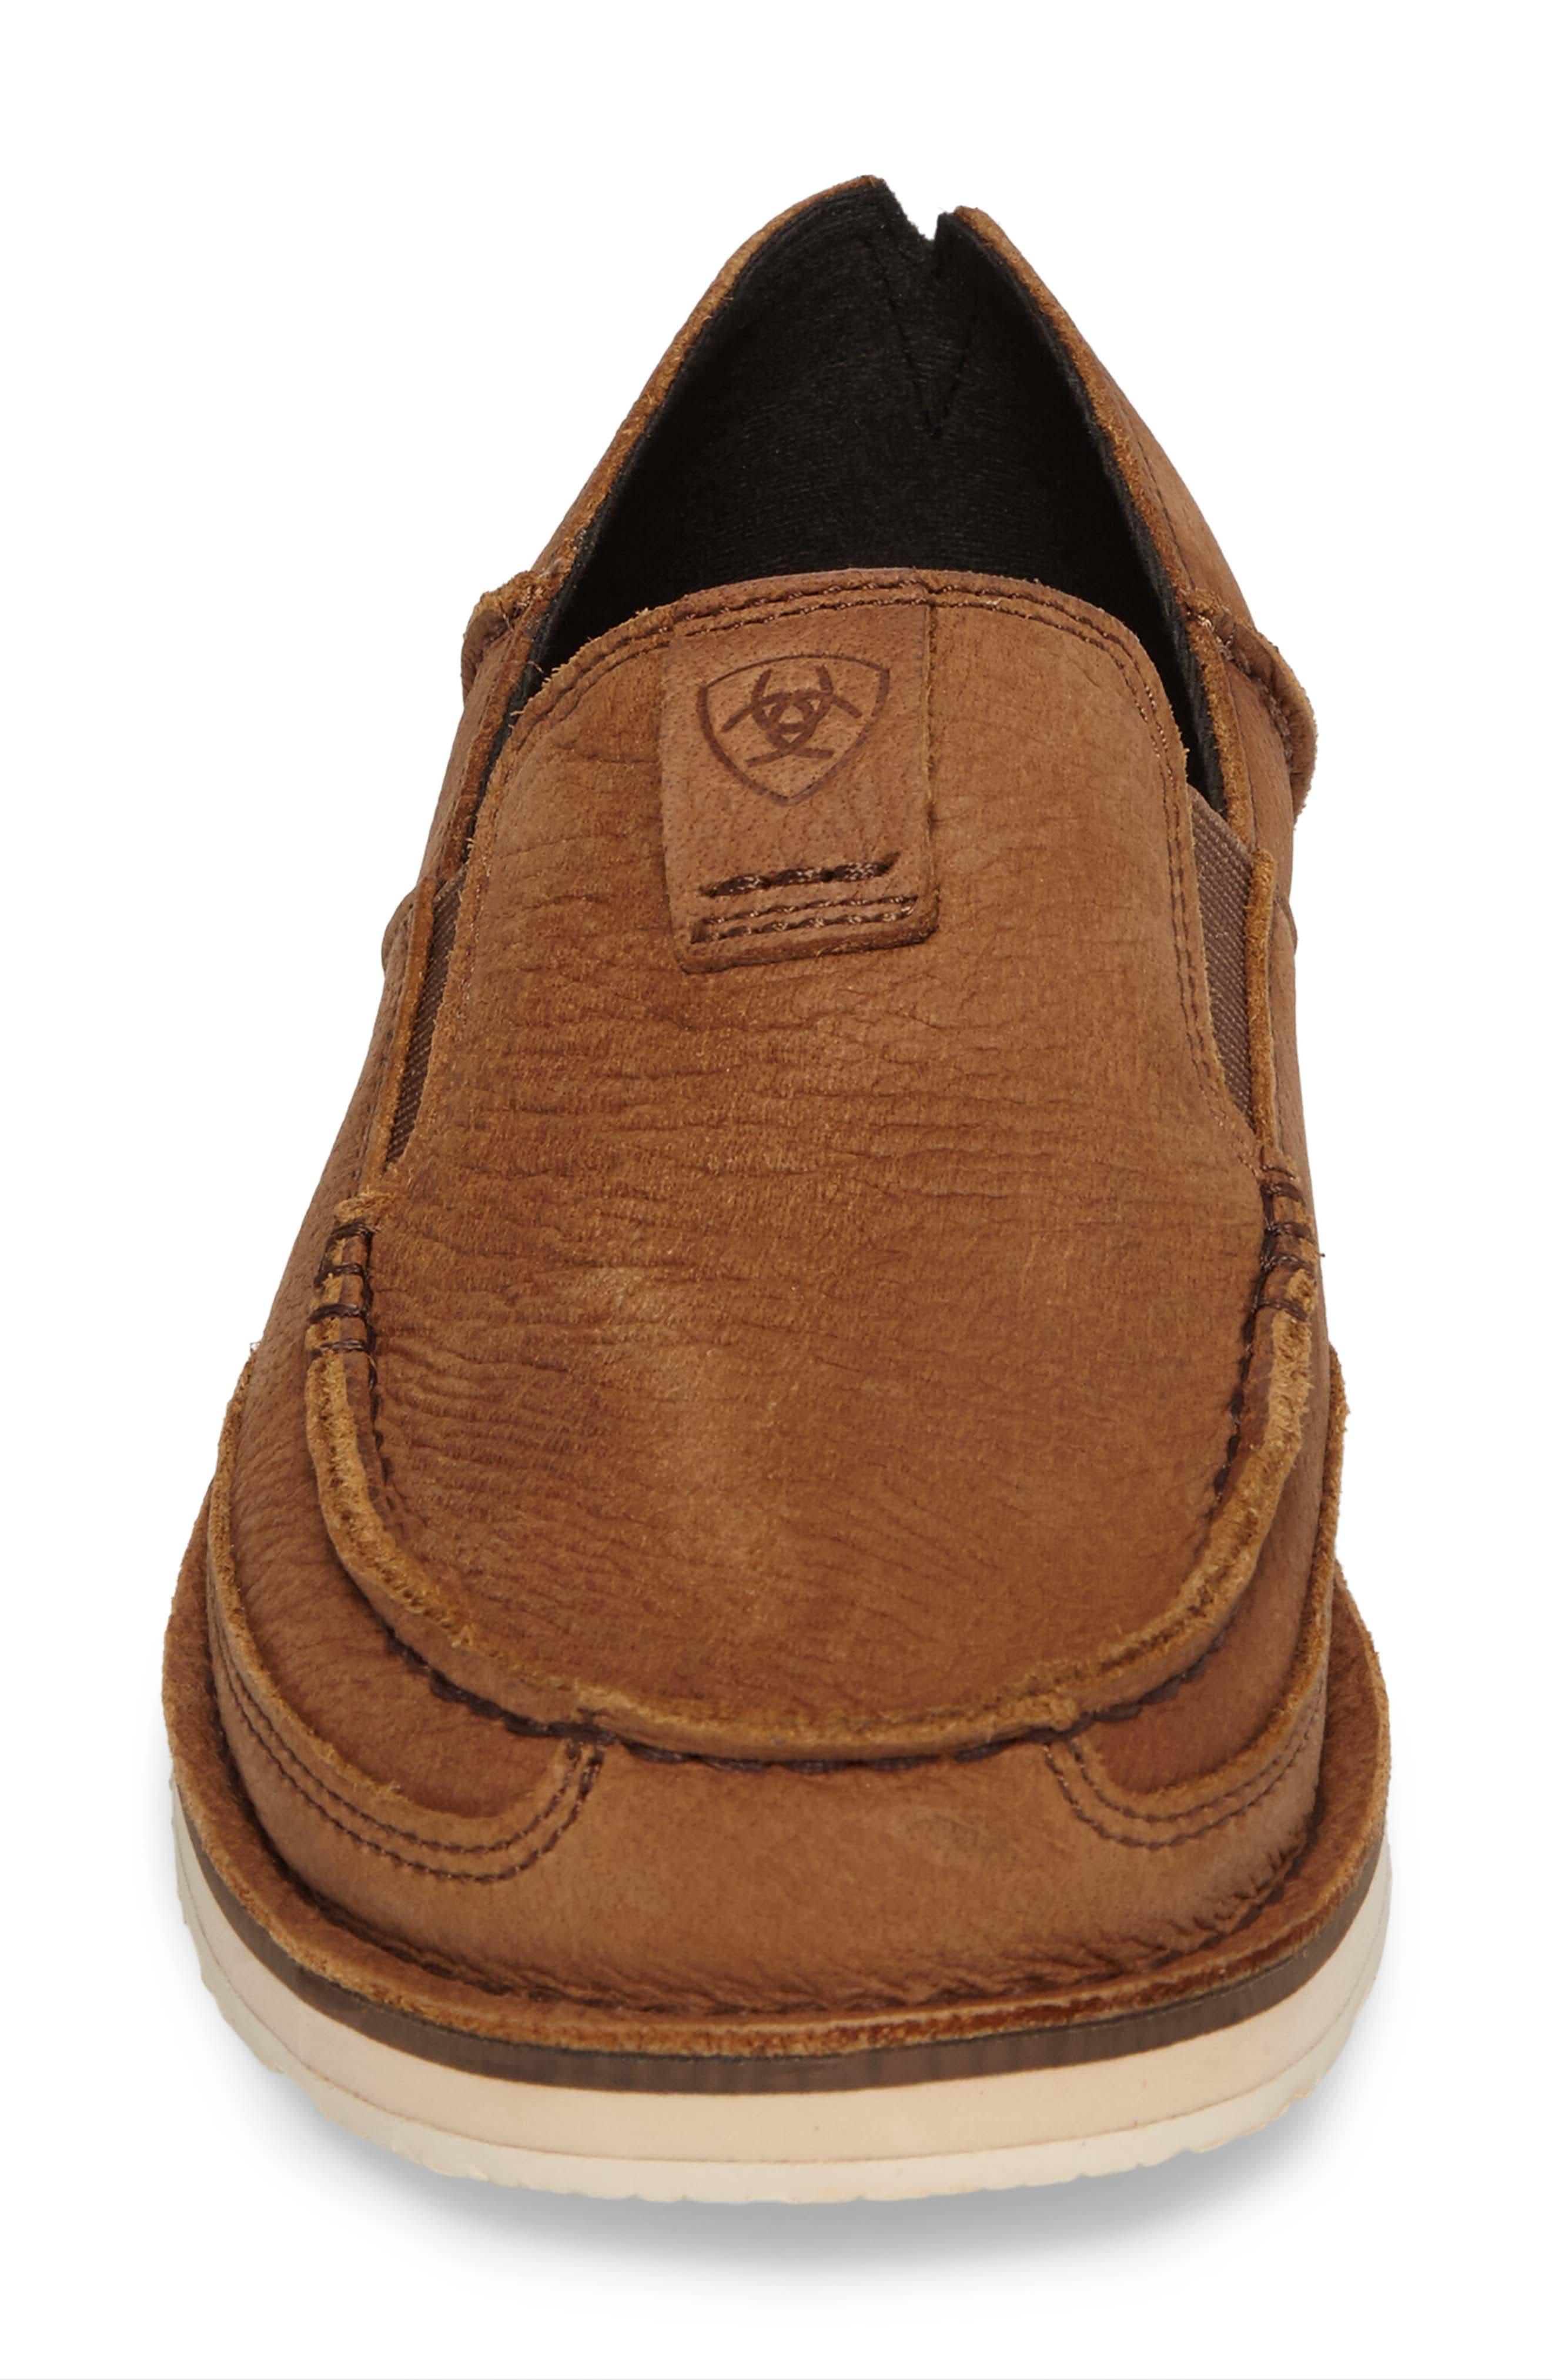 'Cruiser' Slip-On,                             Alternate thumbnail 4, color,                             Aged Bark Leather